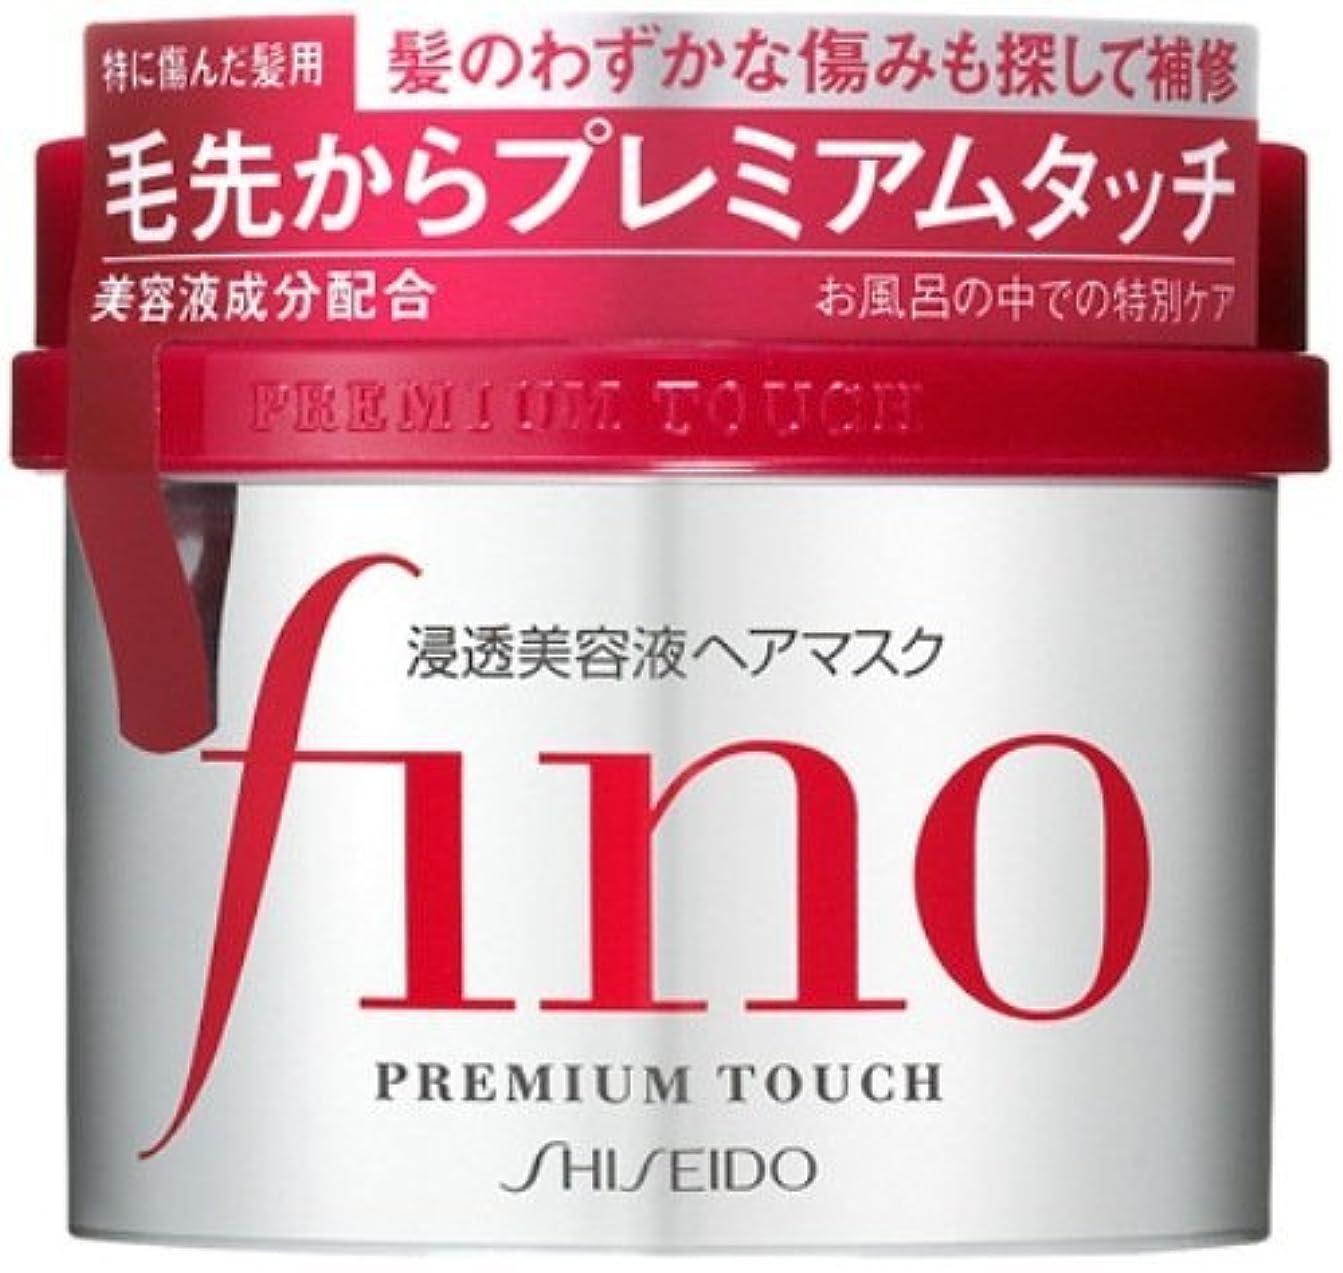 どれか密今後フィーノ浸透美容液ヘアマスク230G × 10個セット